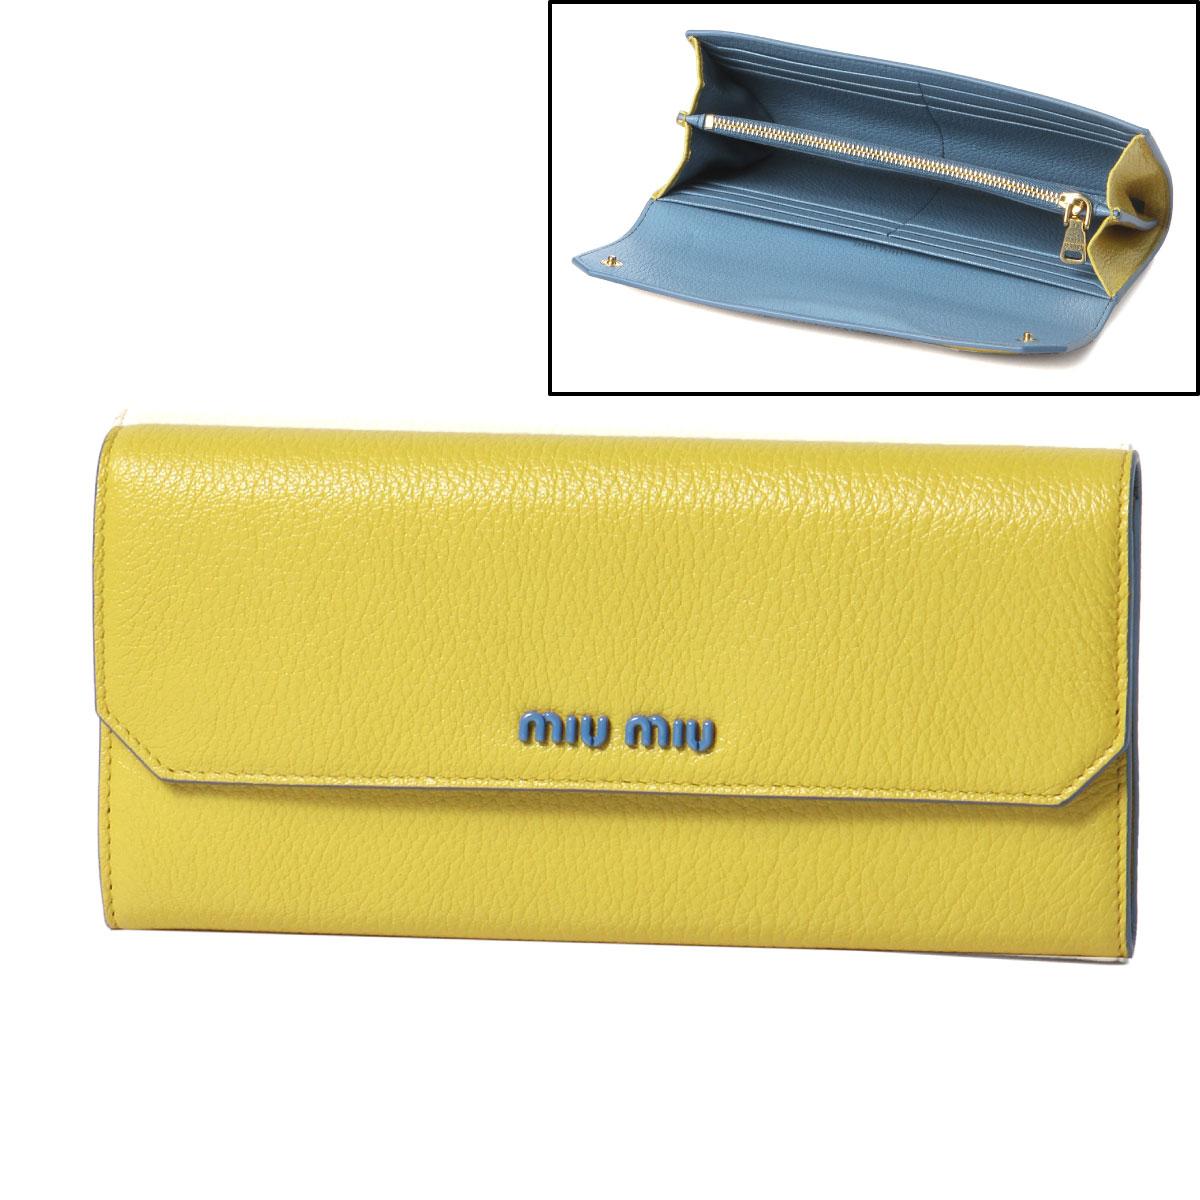 ミュウ ミュウ MIU MIU 財布 レディース 5MH379 CB6 F0377 二つ折り長財布 MADRAS COLOUR SOLE イエロー